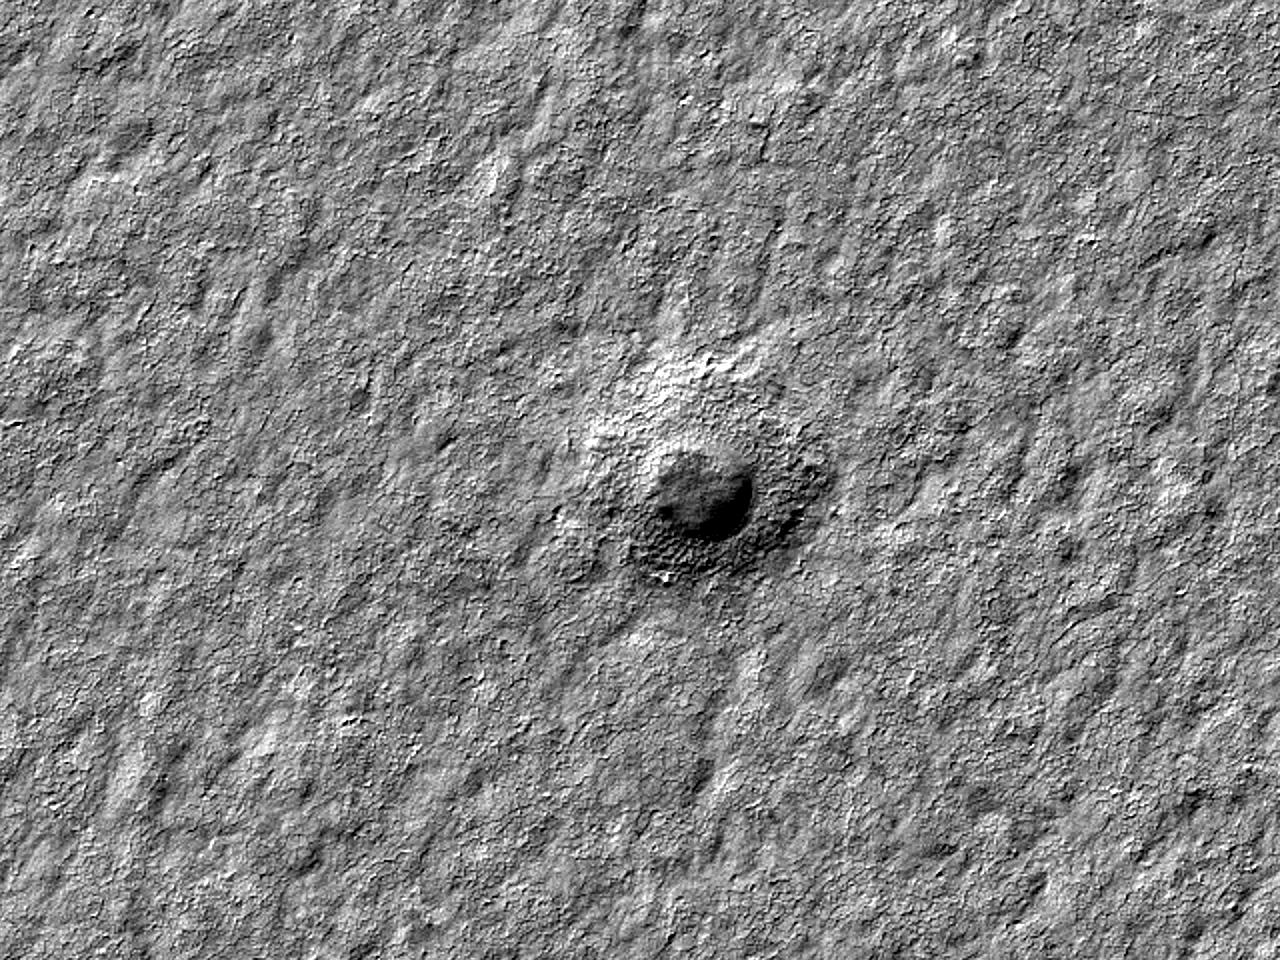 322 meter i diameter stort krater med lagvise avsetninger på sørpolen